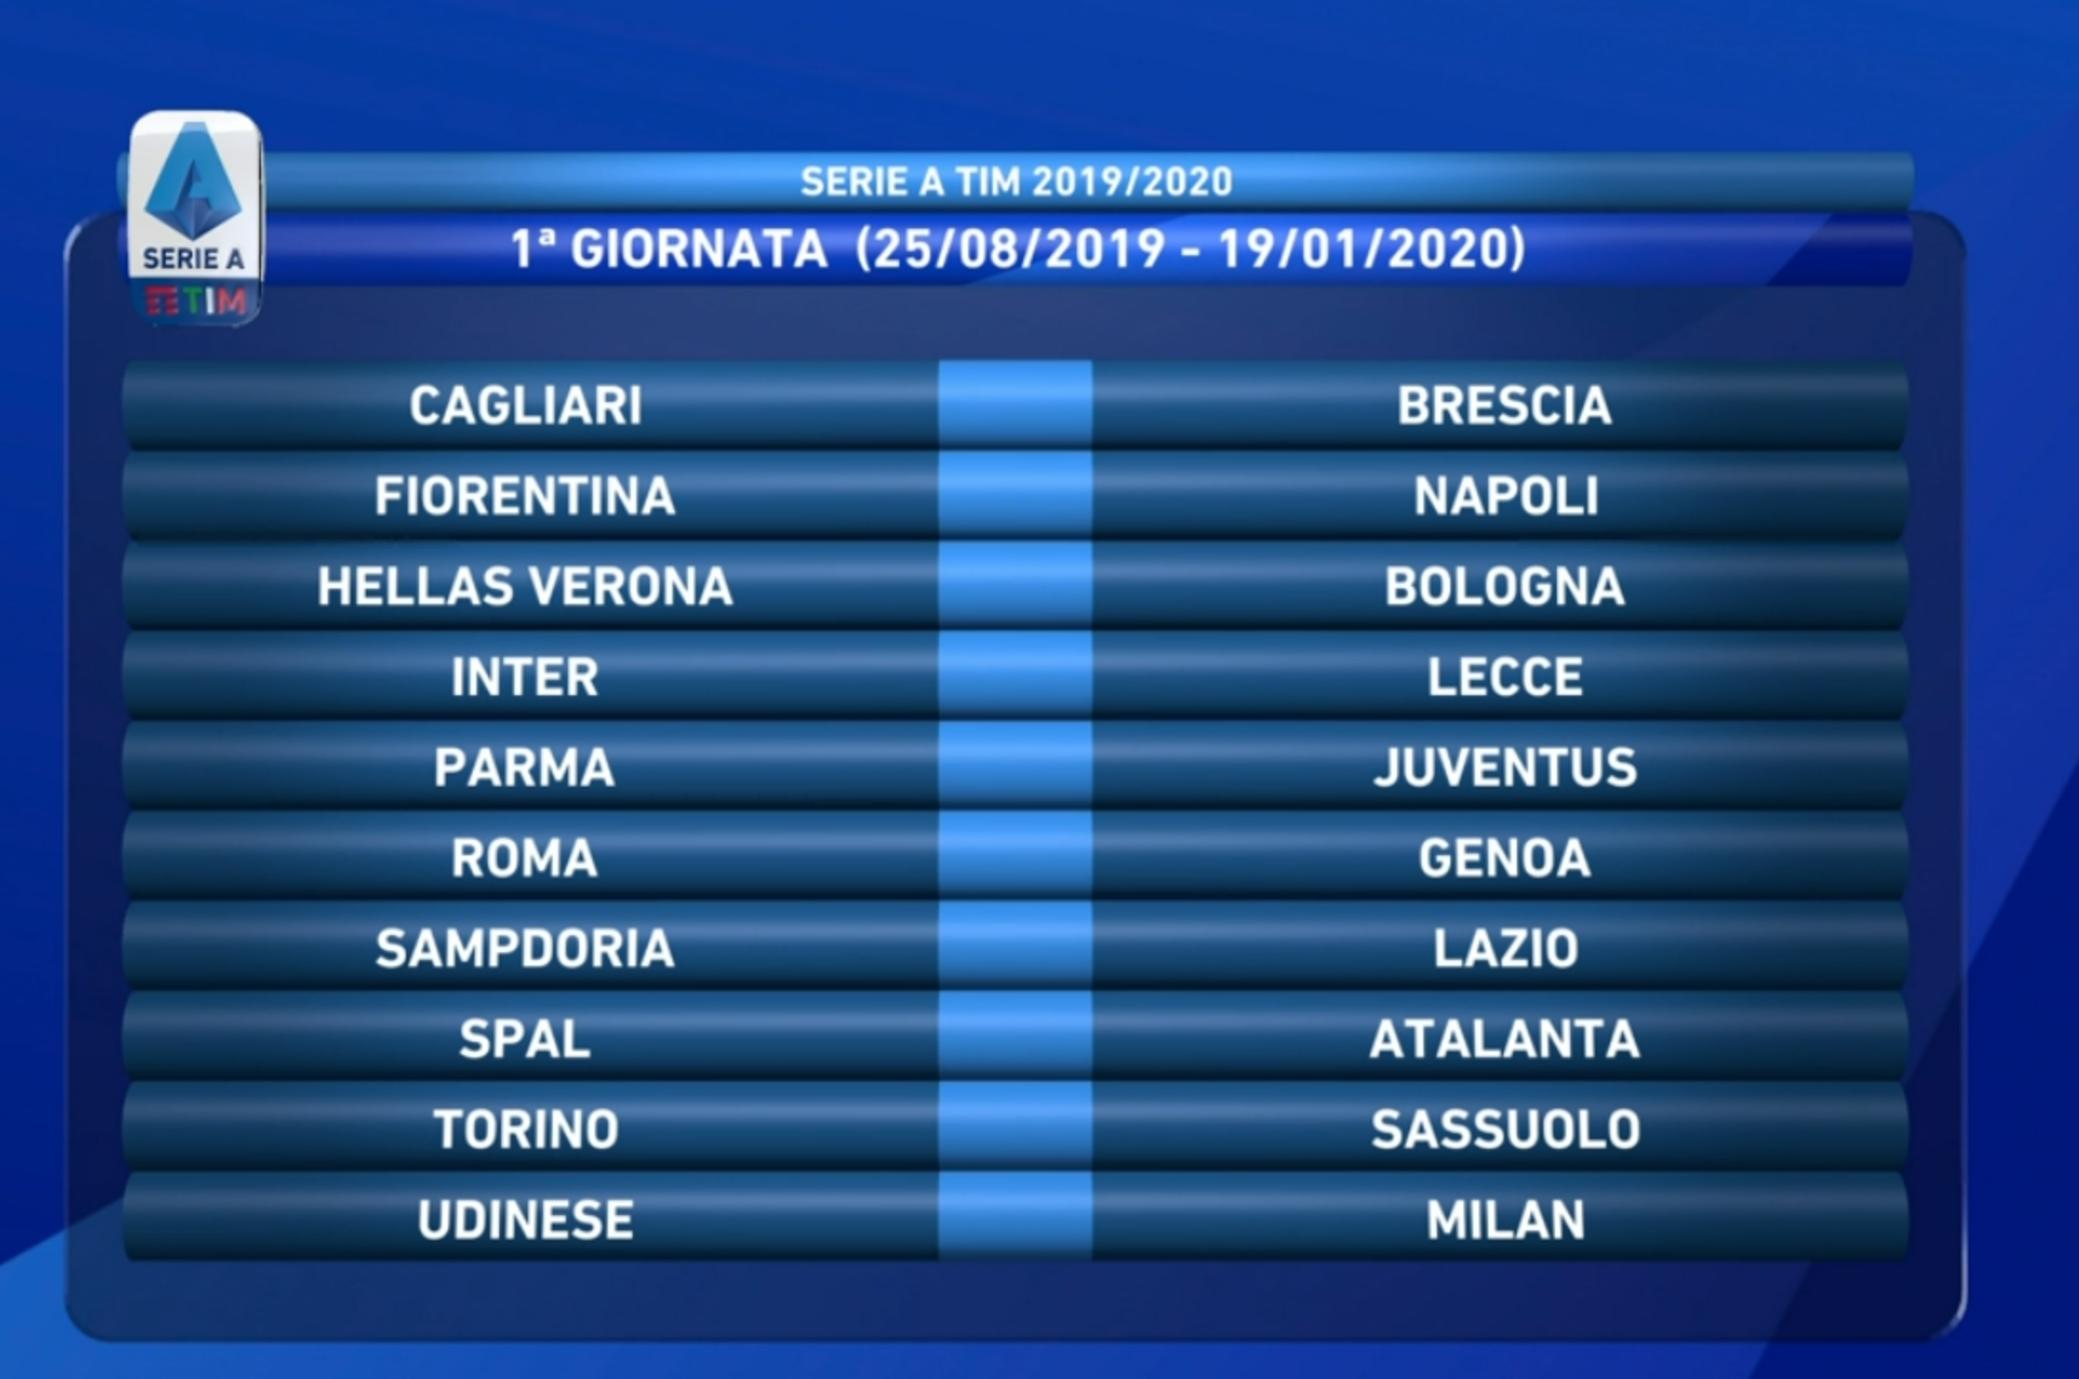 Serie A Calendario Inter.Serie A La Juve Inizia A Parma Alla 2a Big Match Col